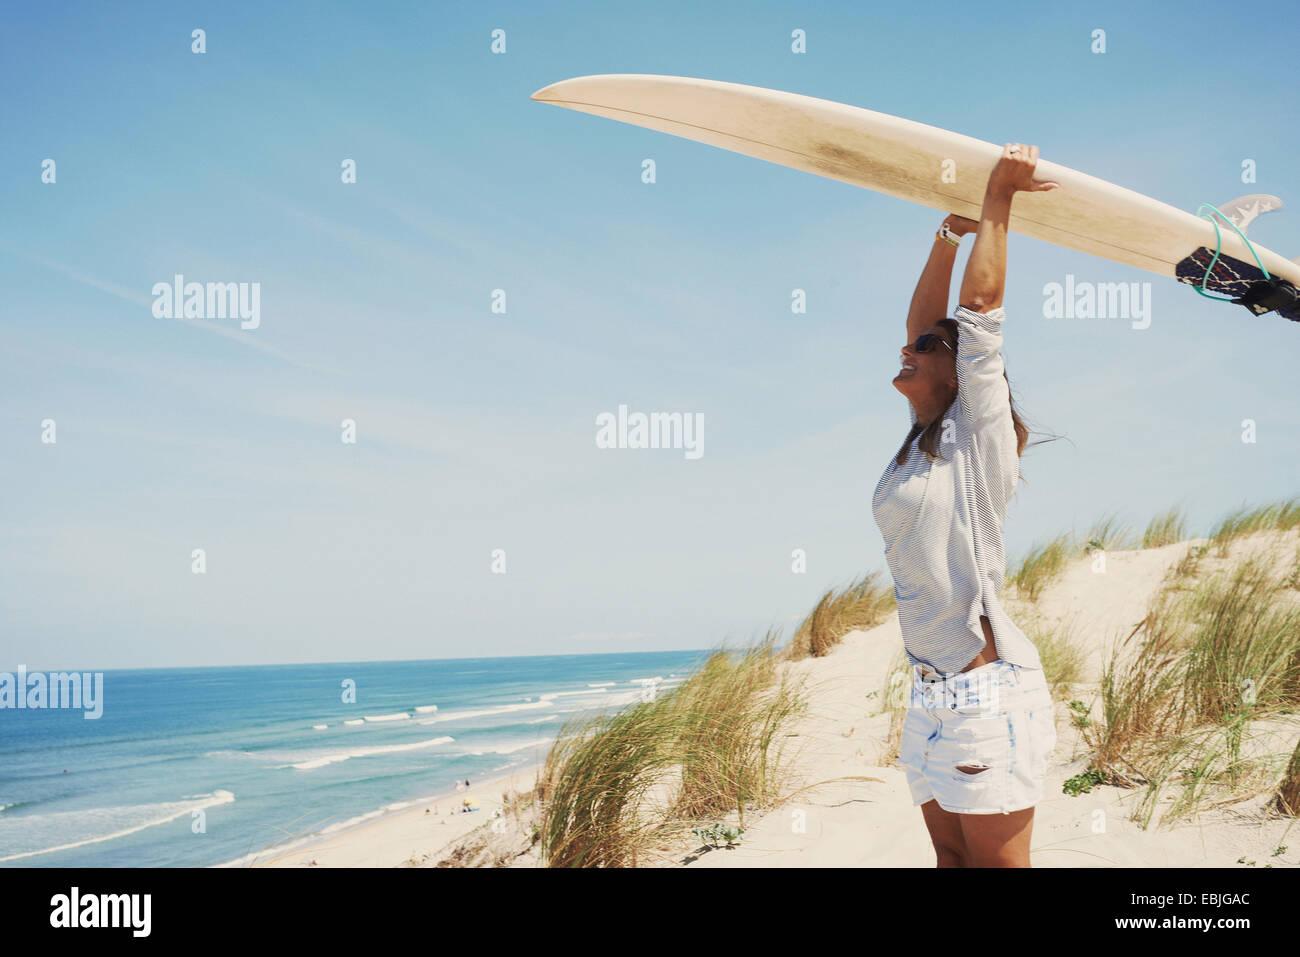 Mujer con tablas de surf en la playa, Lacanau, Francia Imagen De Stock